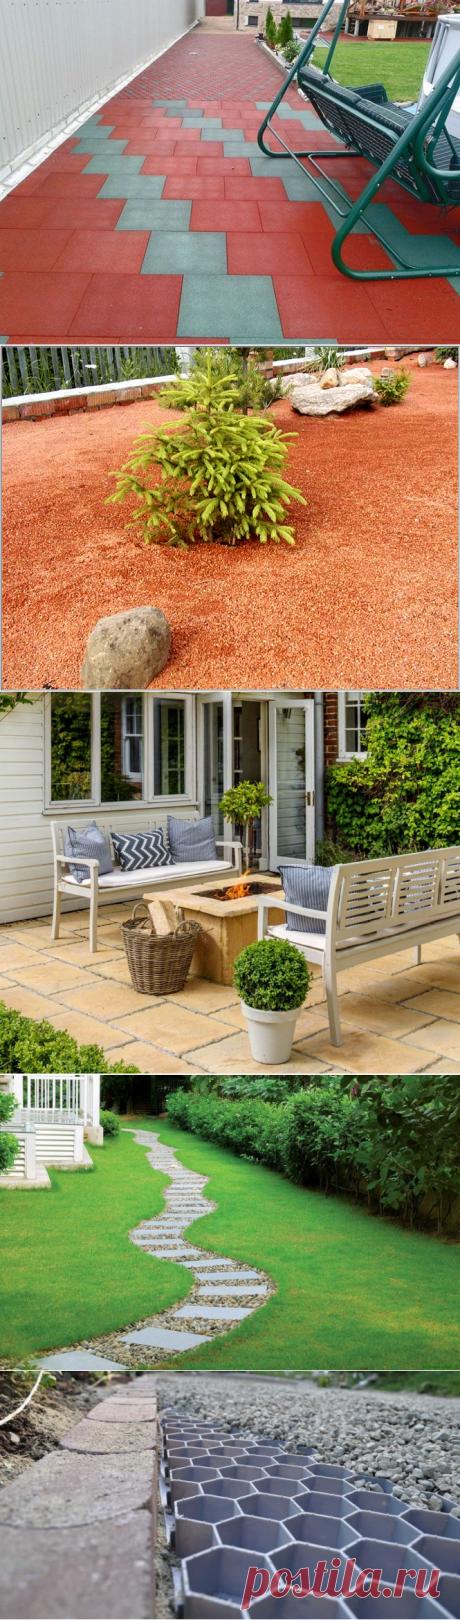 Чим вимостити подвір'я – 10 оптимальних варіантів. Бруківка, бетон, тротуарна плитка і ін. Фото - ЗЕЛЕНА САДИБА